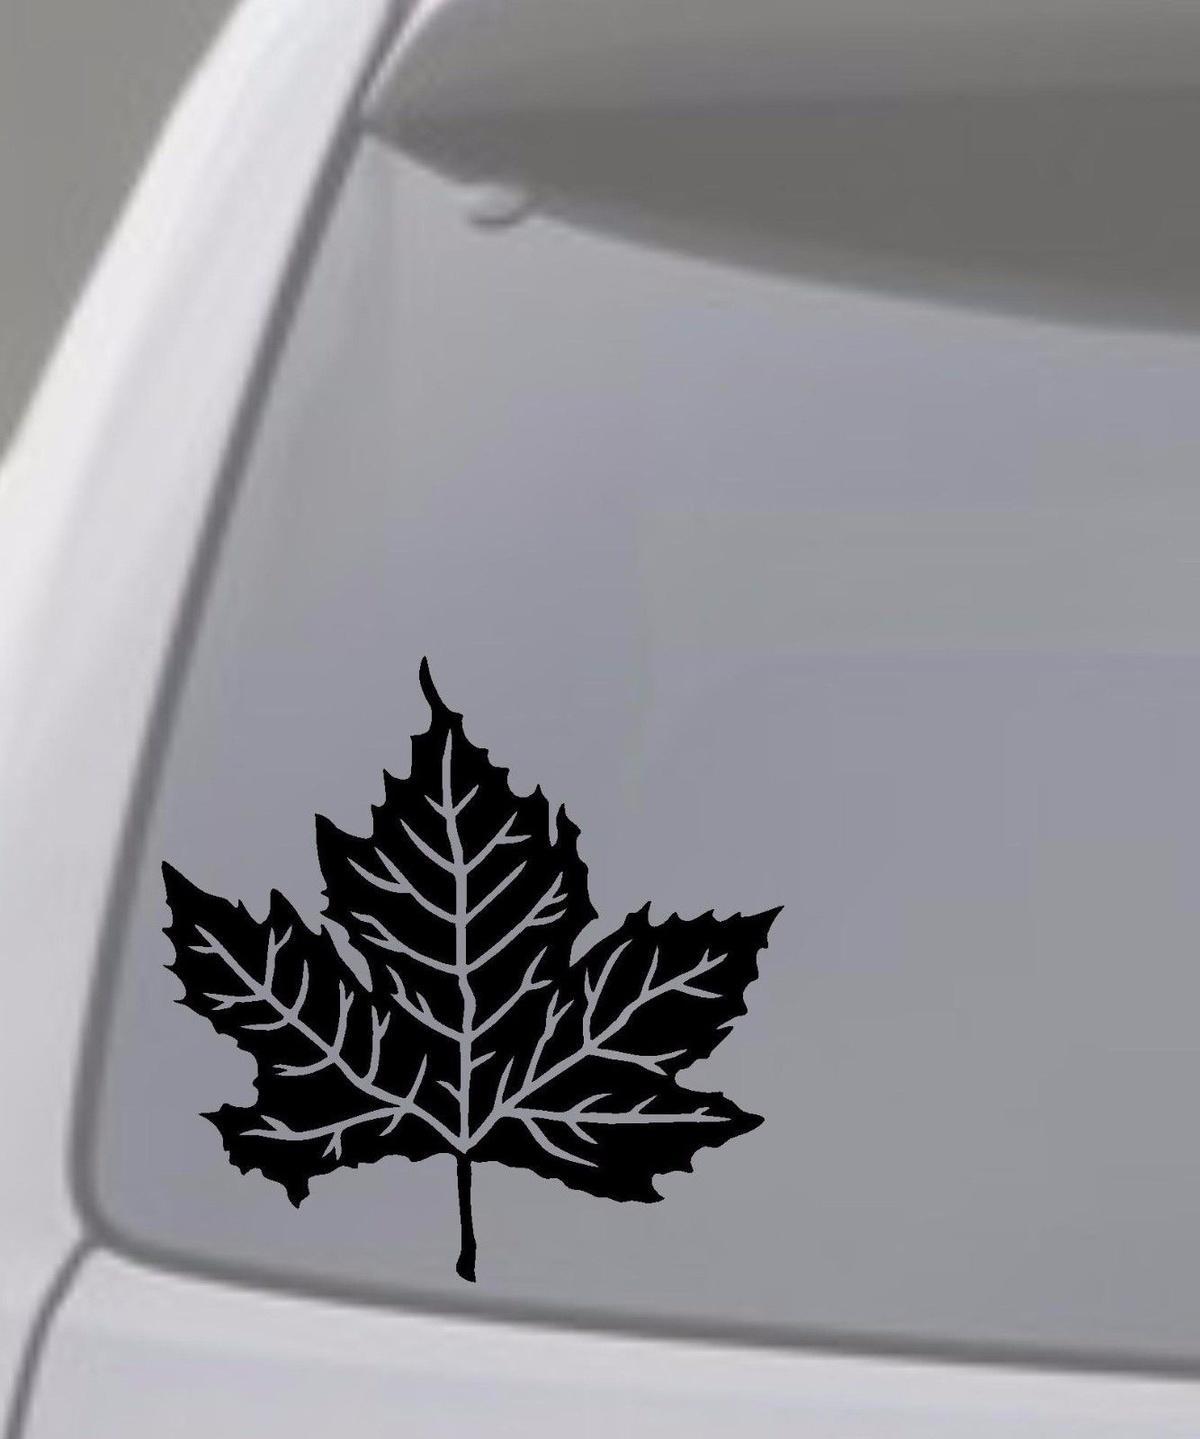 Car Styling For MAPLE LEAF Vinyl Decal Sticker Car Window Wall Bumper Tree Canada Syrup 6x6 Inch